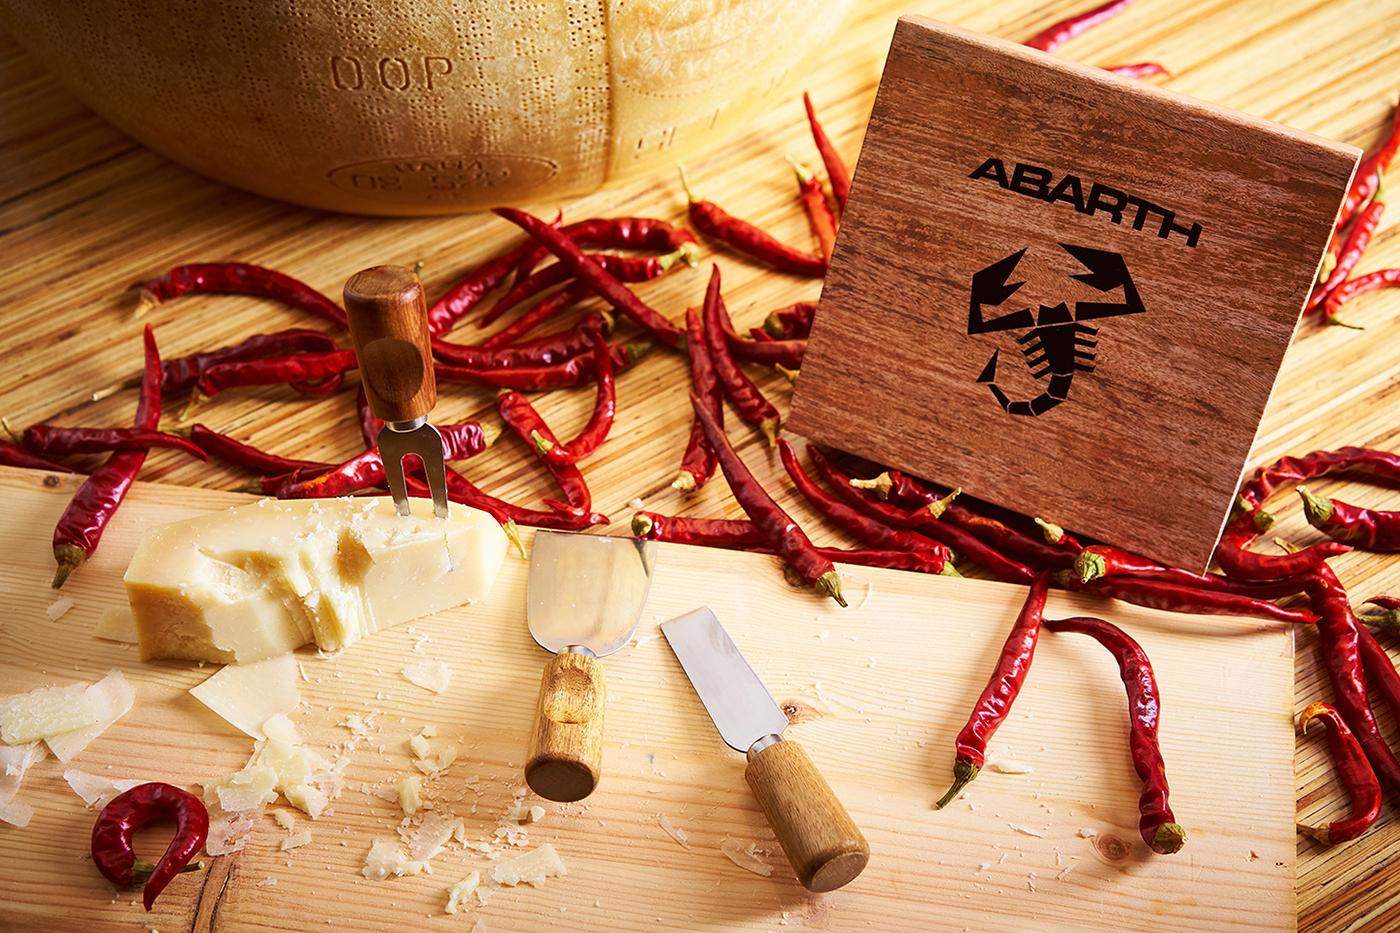 イタリアンシェフも唸るチーズカッターの切れ味とABARTHの心を躍動させるドライビングフィール